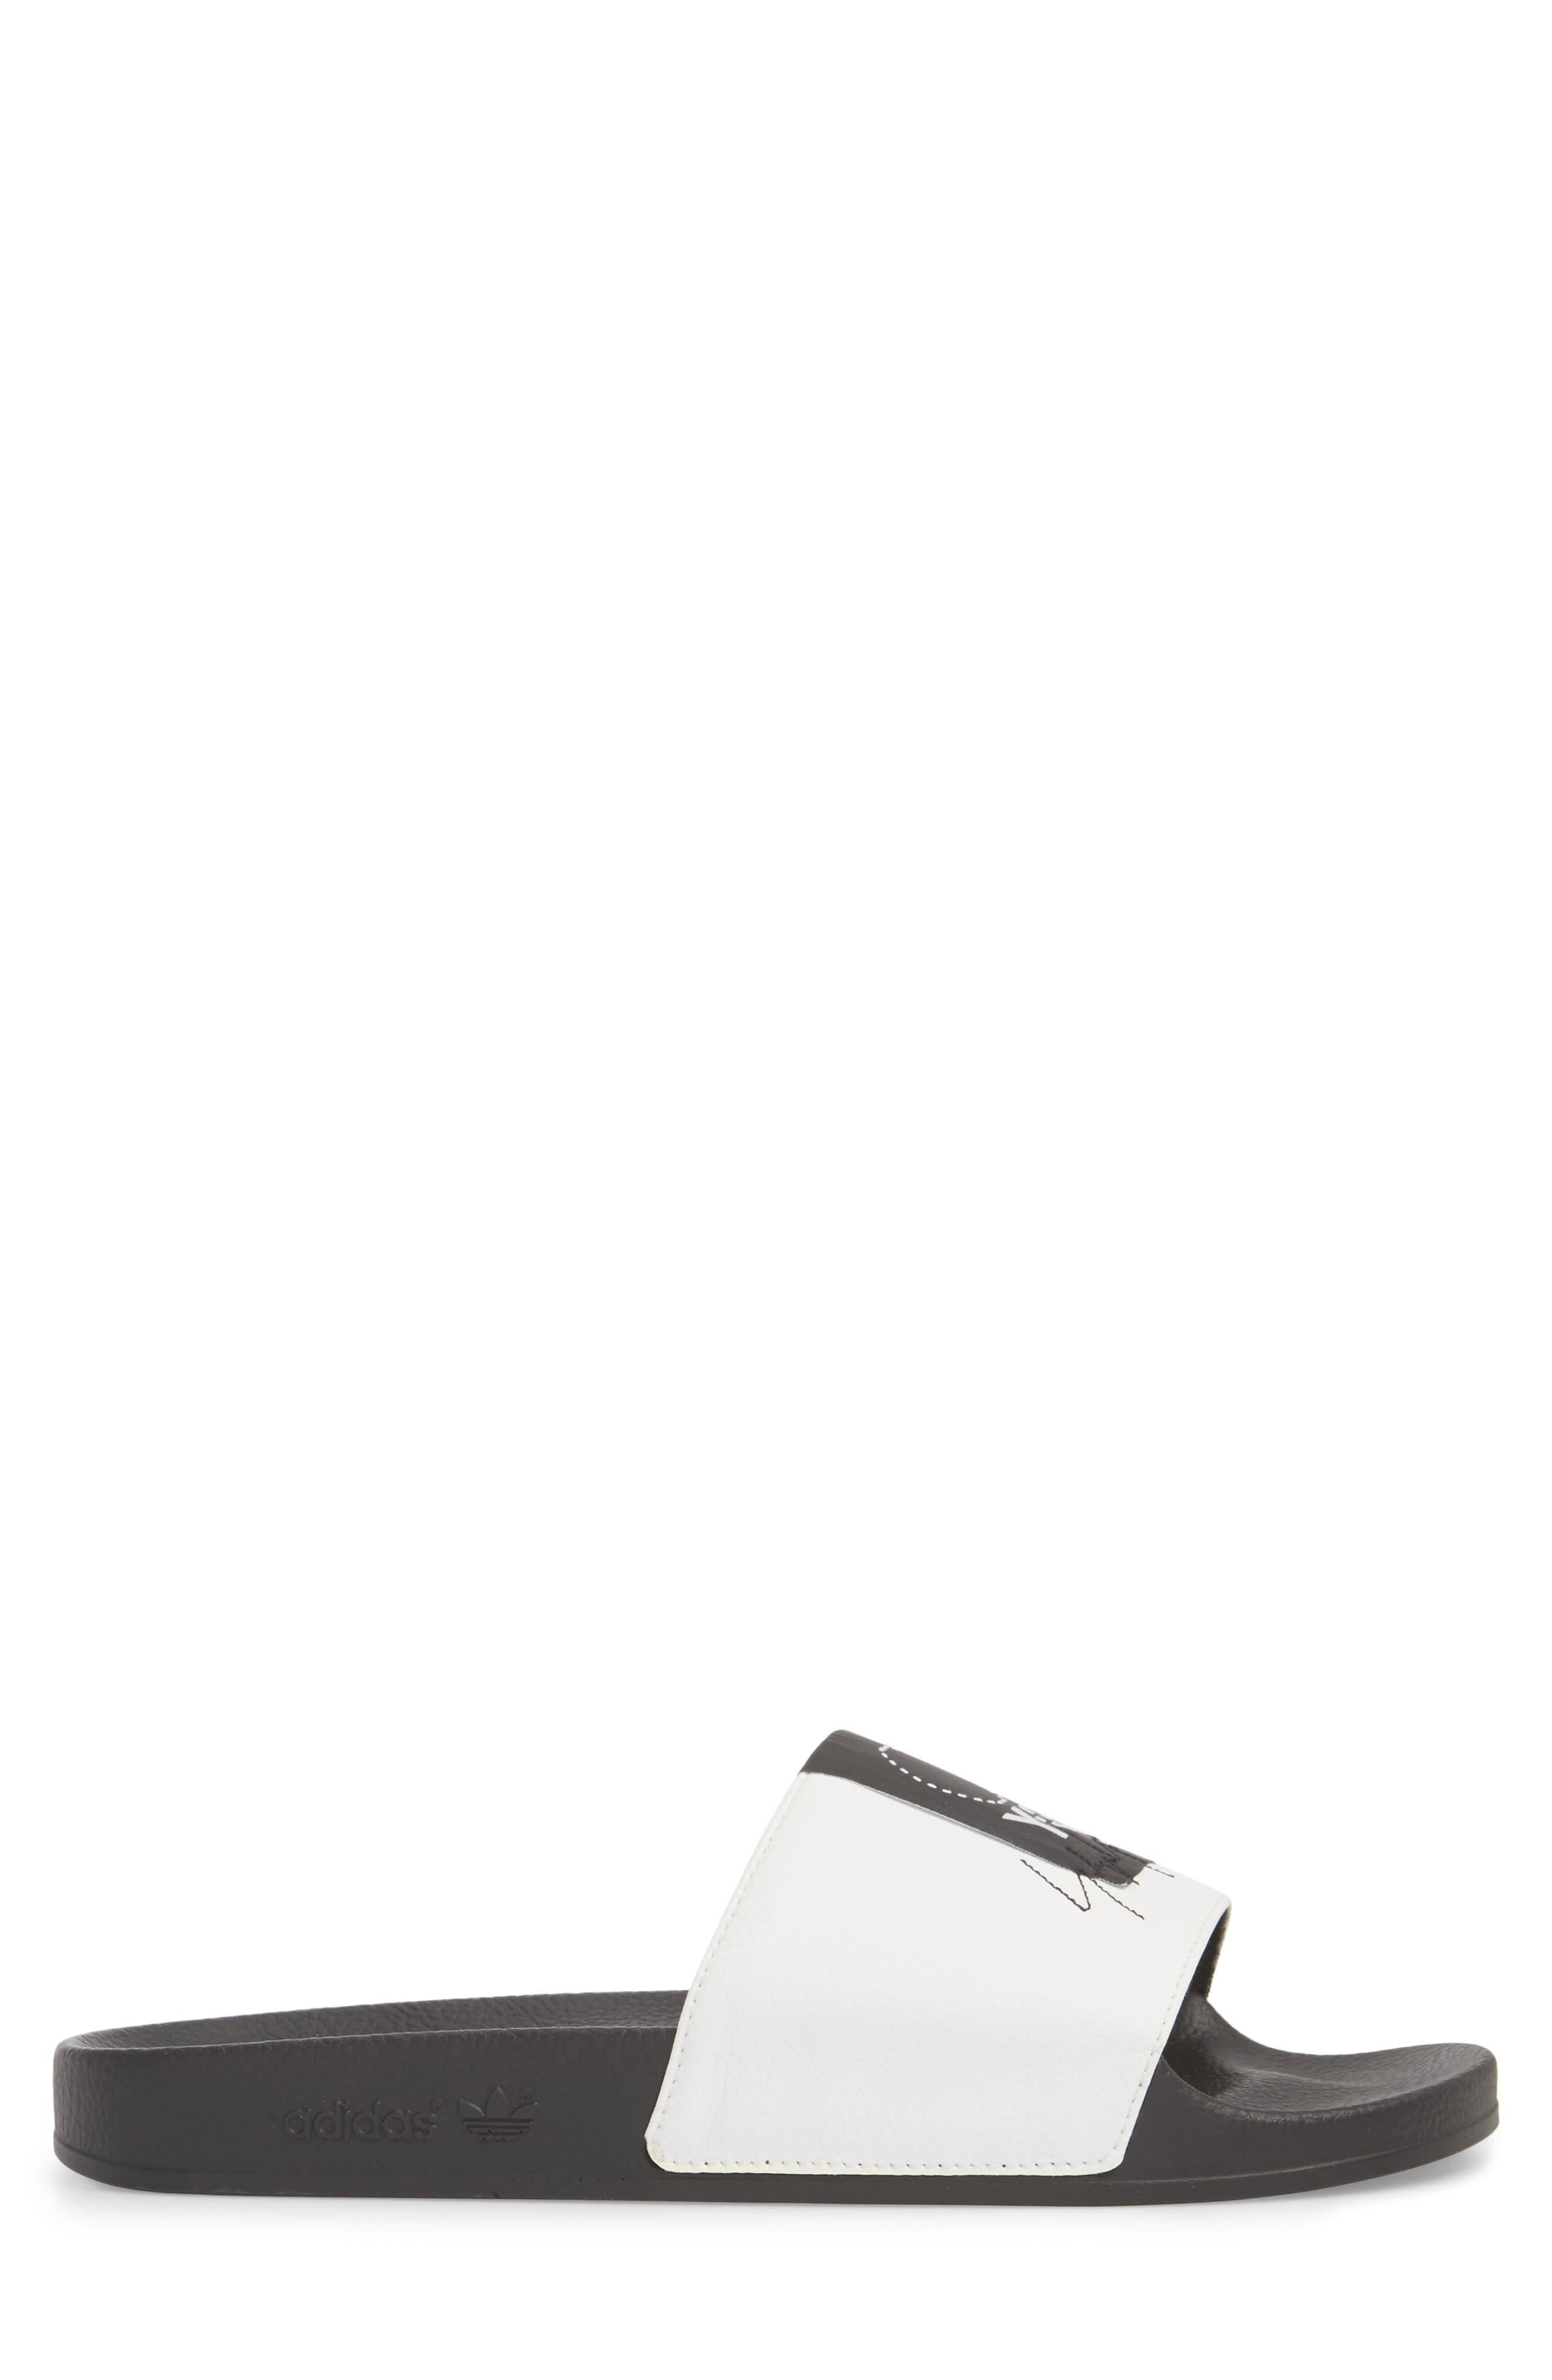 Adilette Slide Sandal,                             Alternate thumbnail 3, color,                             WHITE/ BLACK